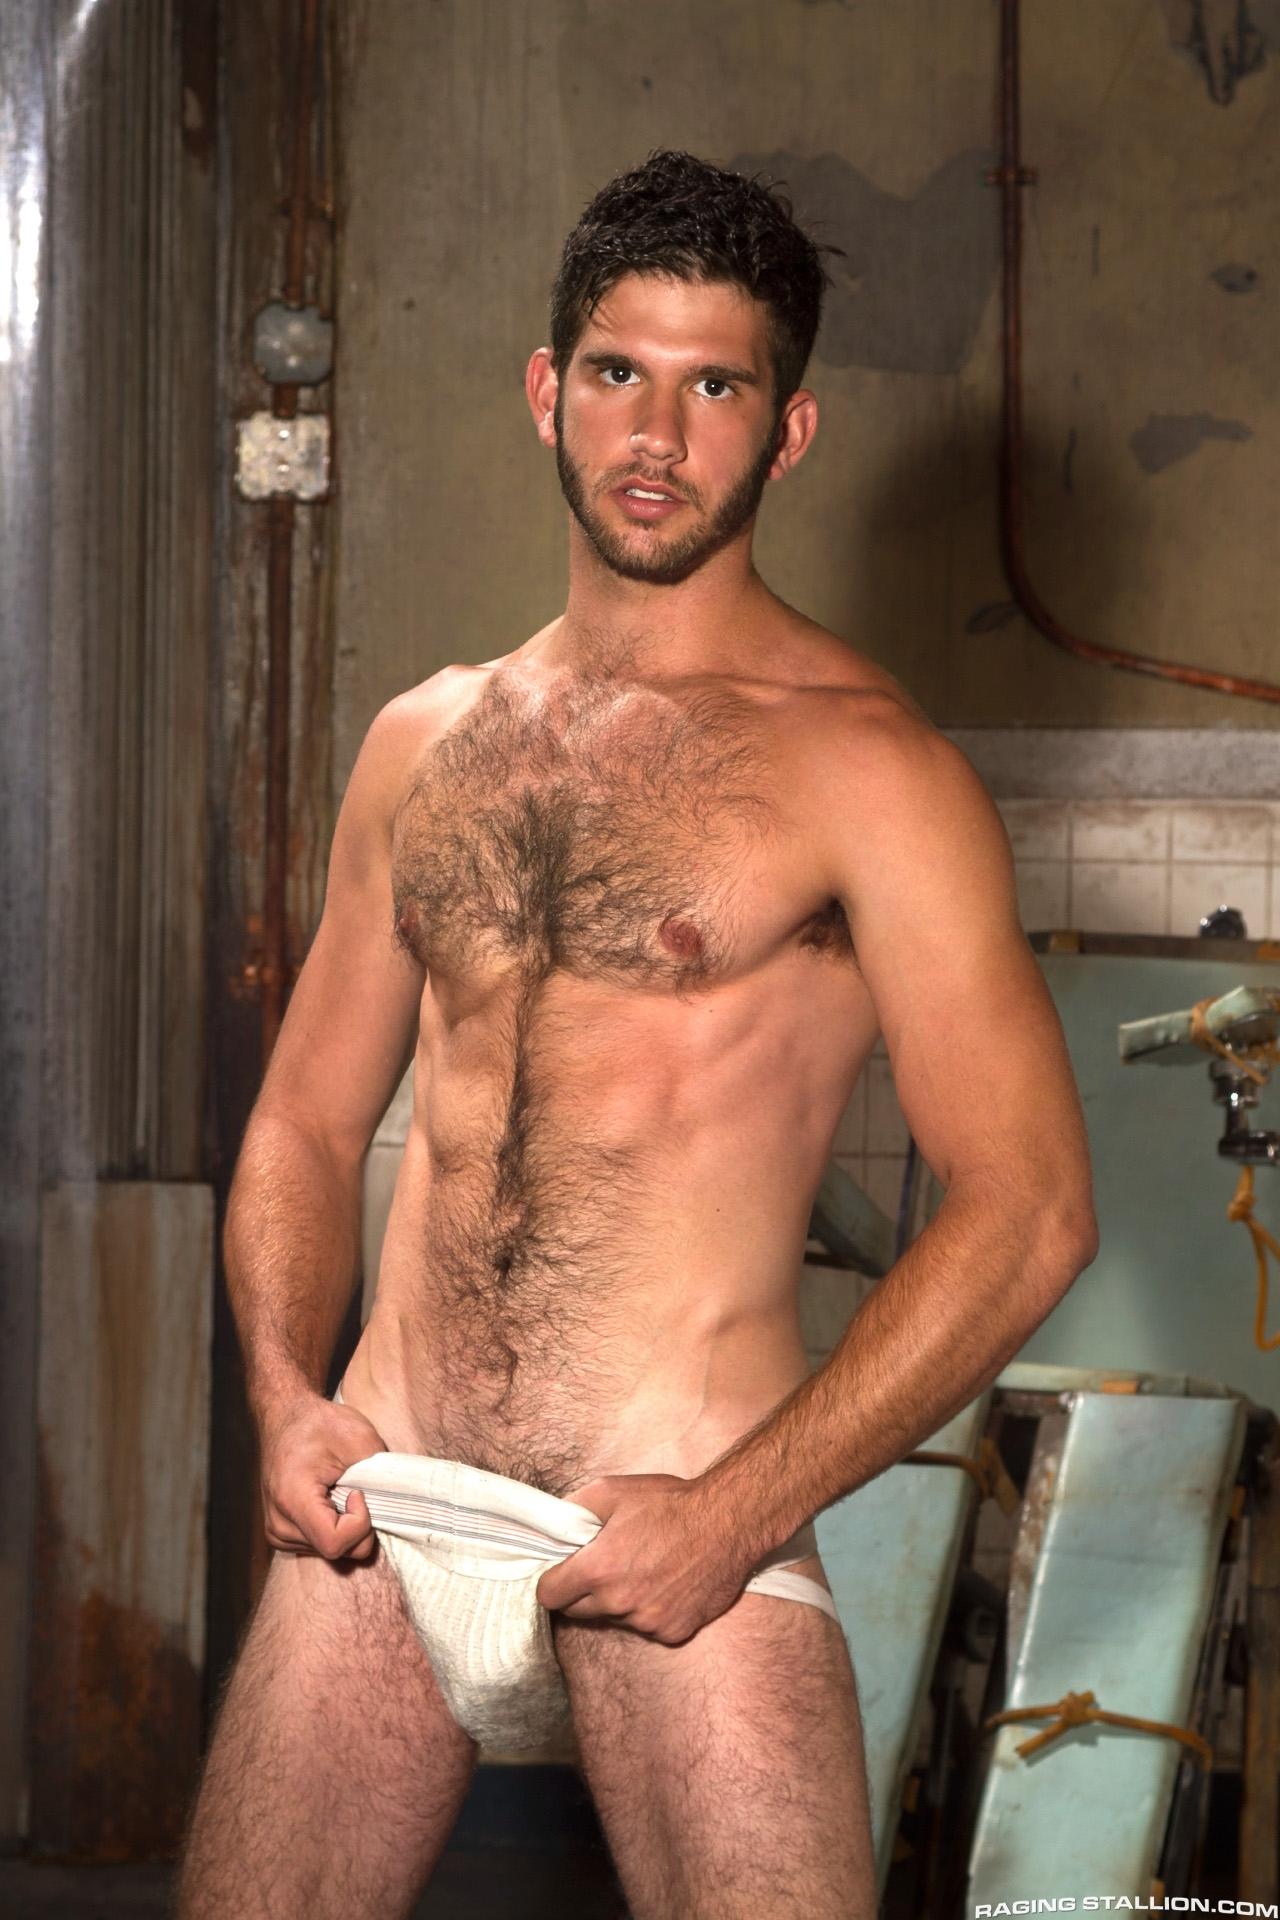 Jimmy Fanz gay hot daddy dude men porn